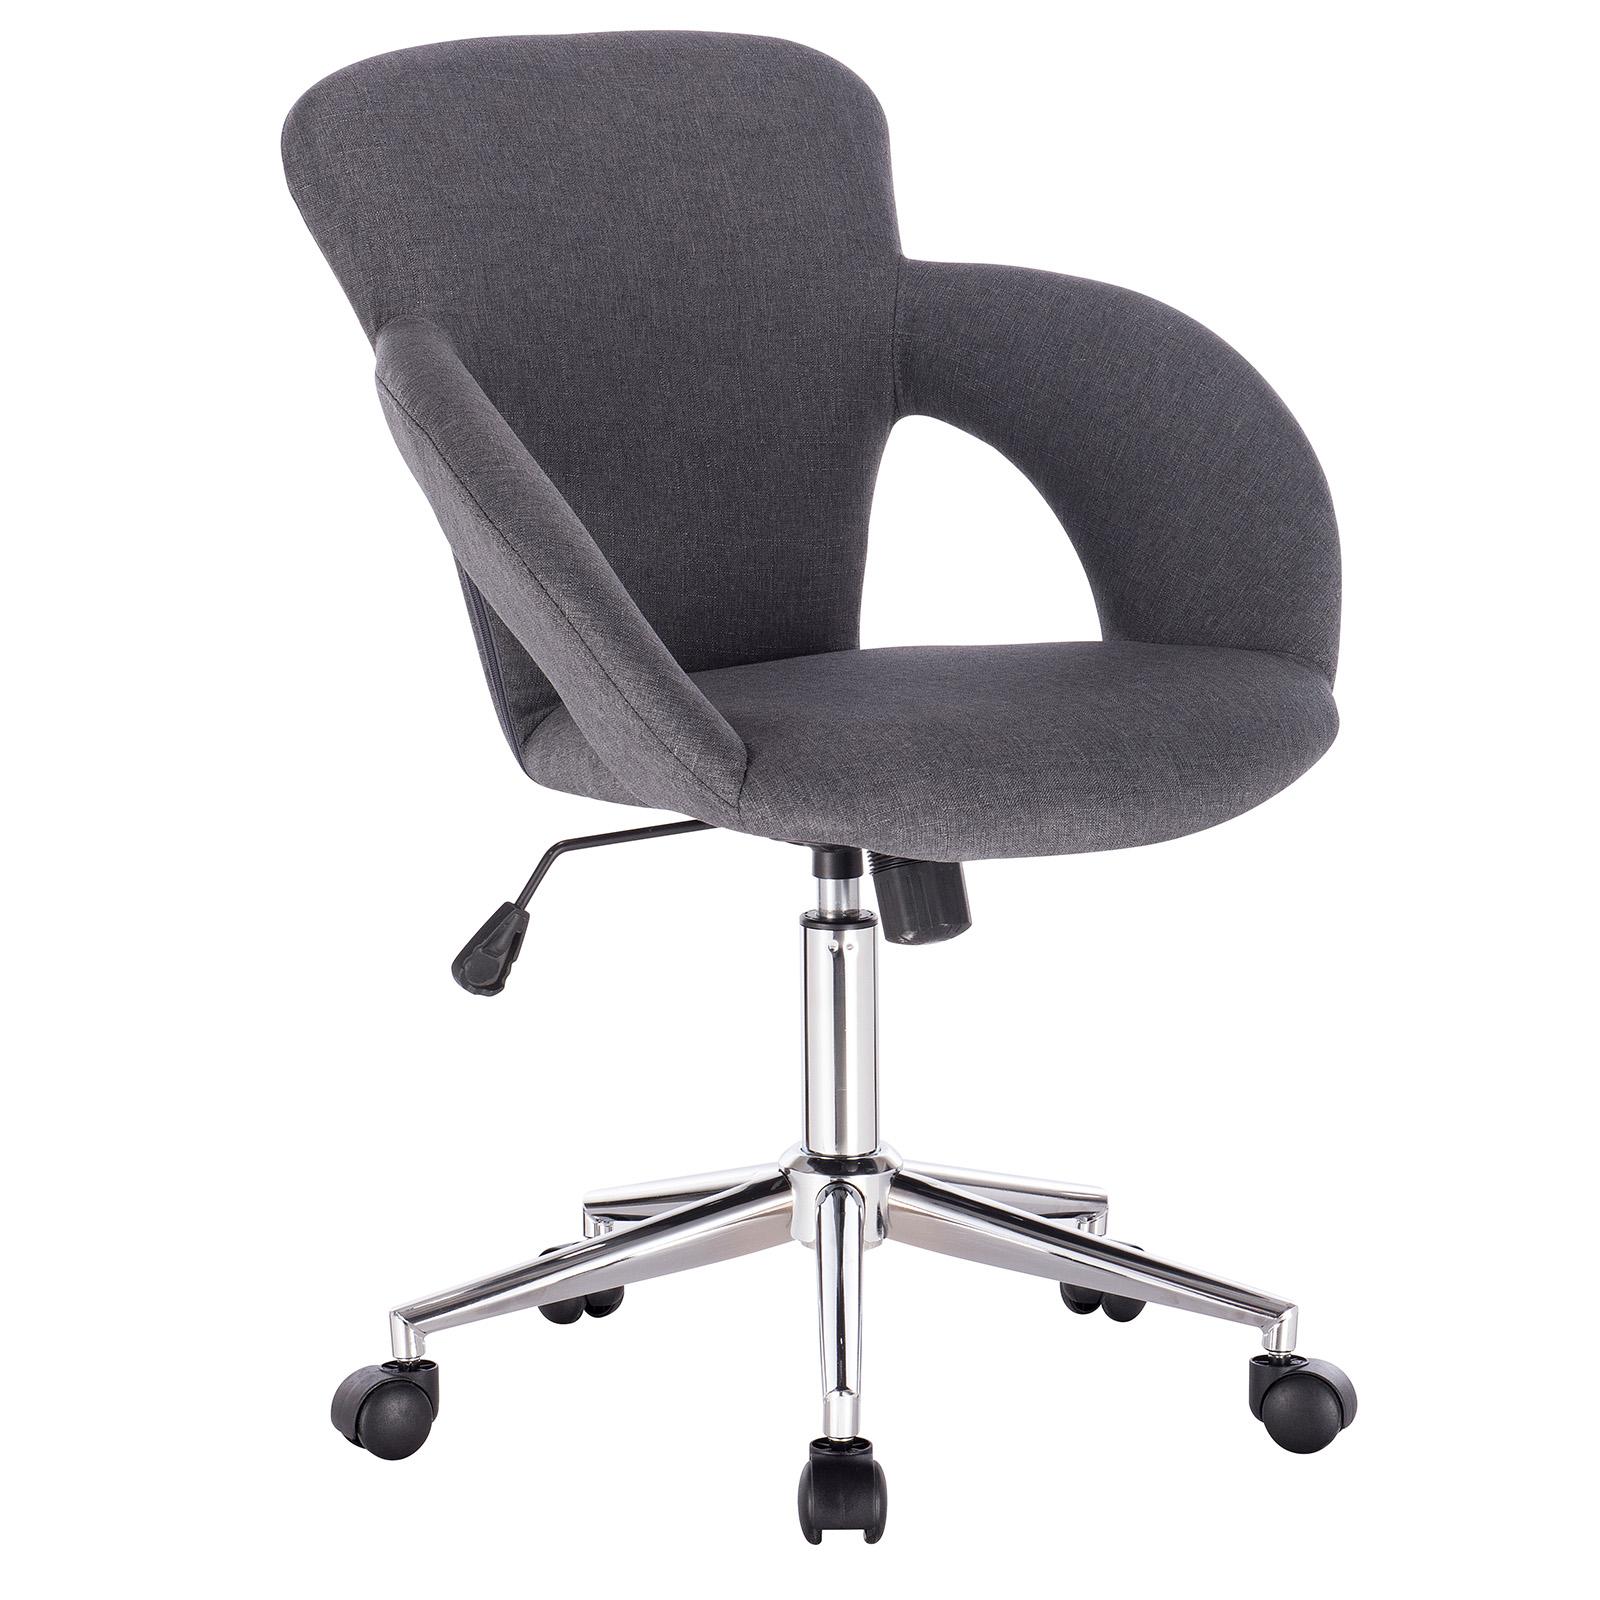 Chaise-de-bureau-pivotant-en-lin-similicuir-Chaise-d-039-ordinateur-reglable-f258